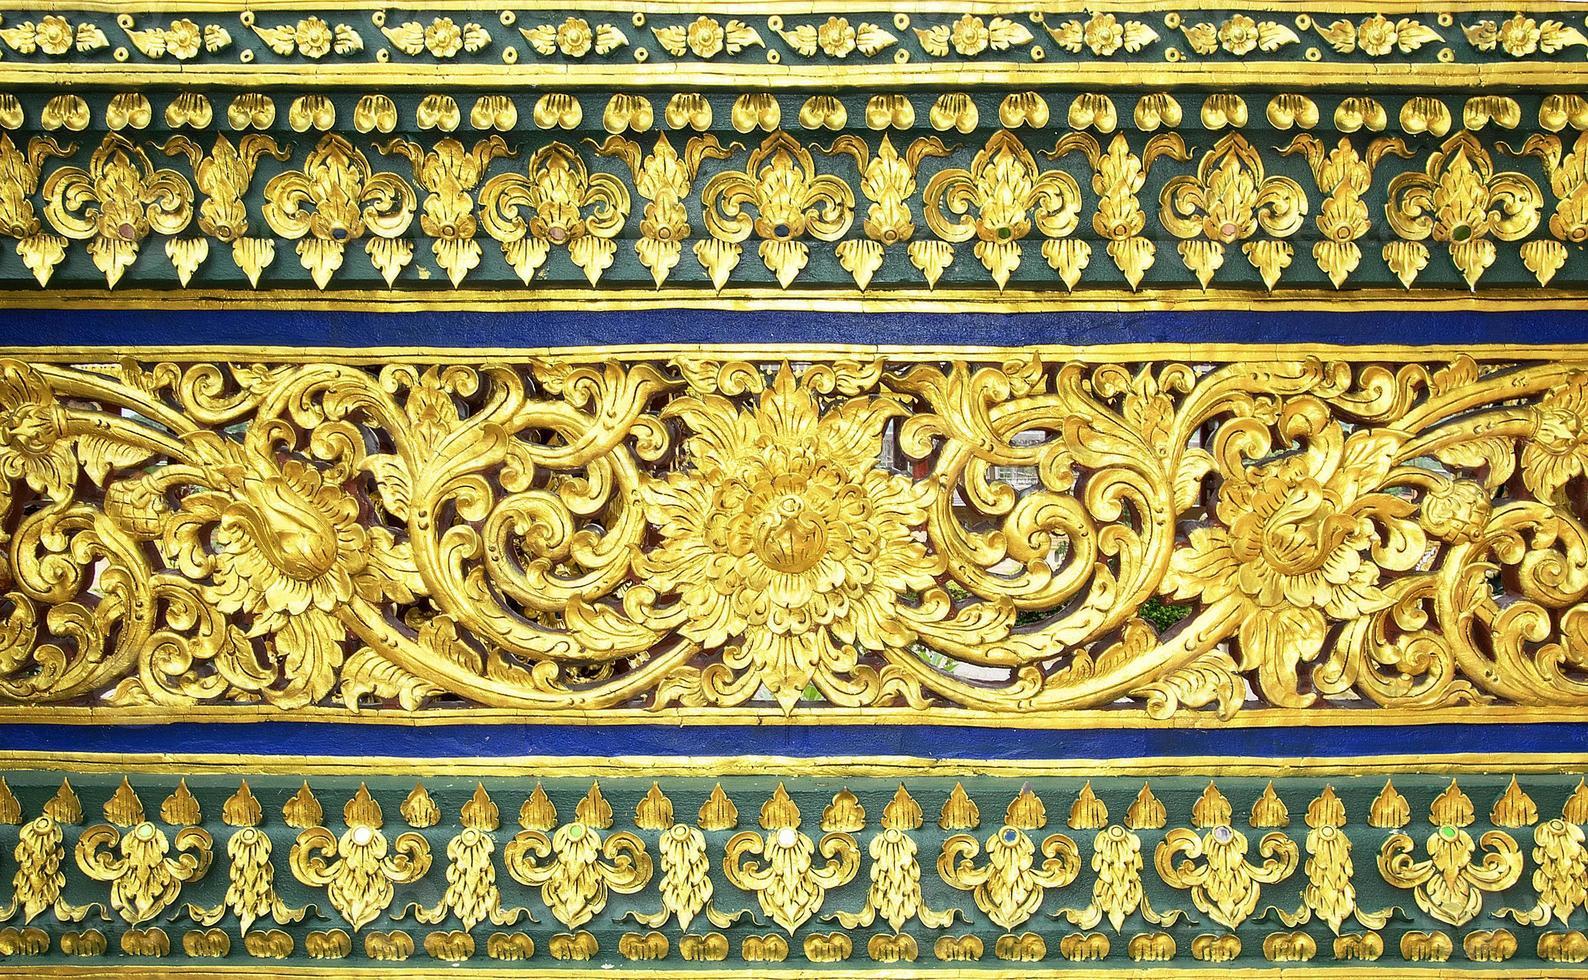 Patrón de estuco tradicional tailandés decorativo en templo, Tailandia foto